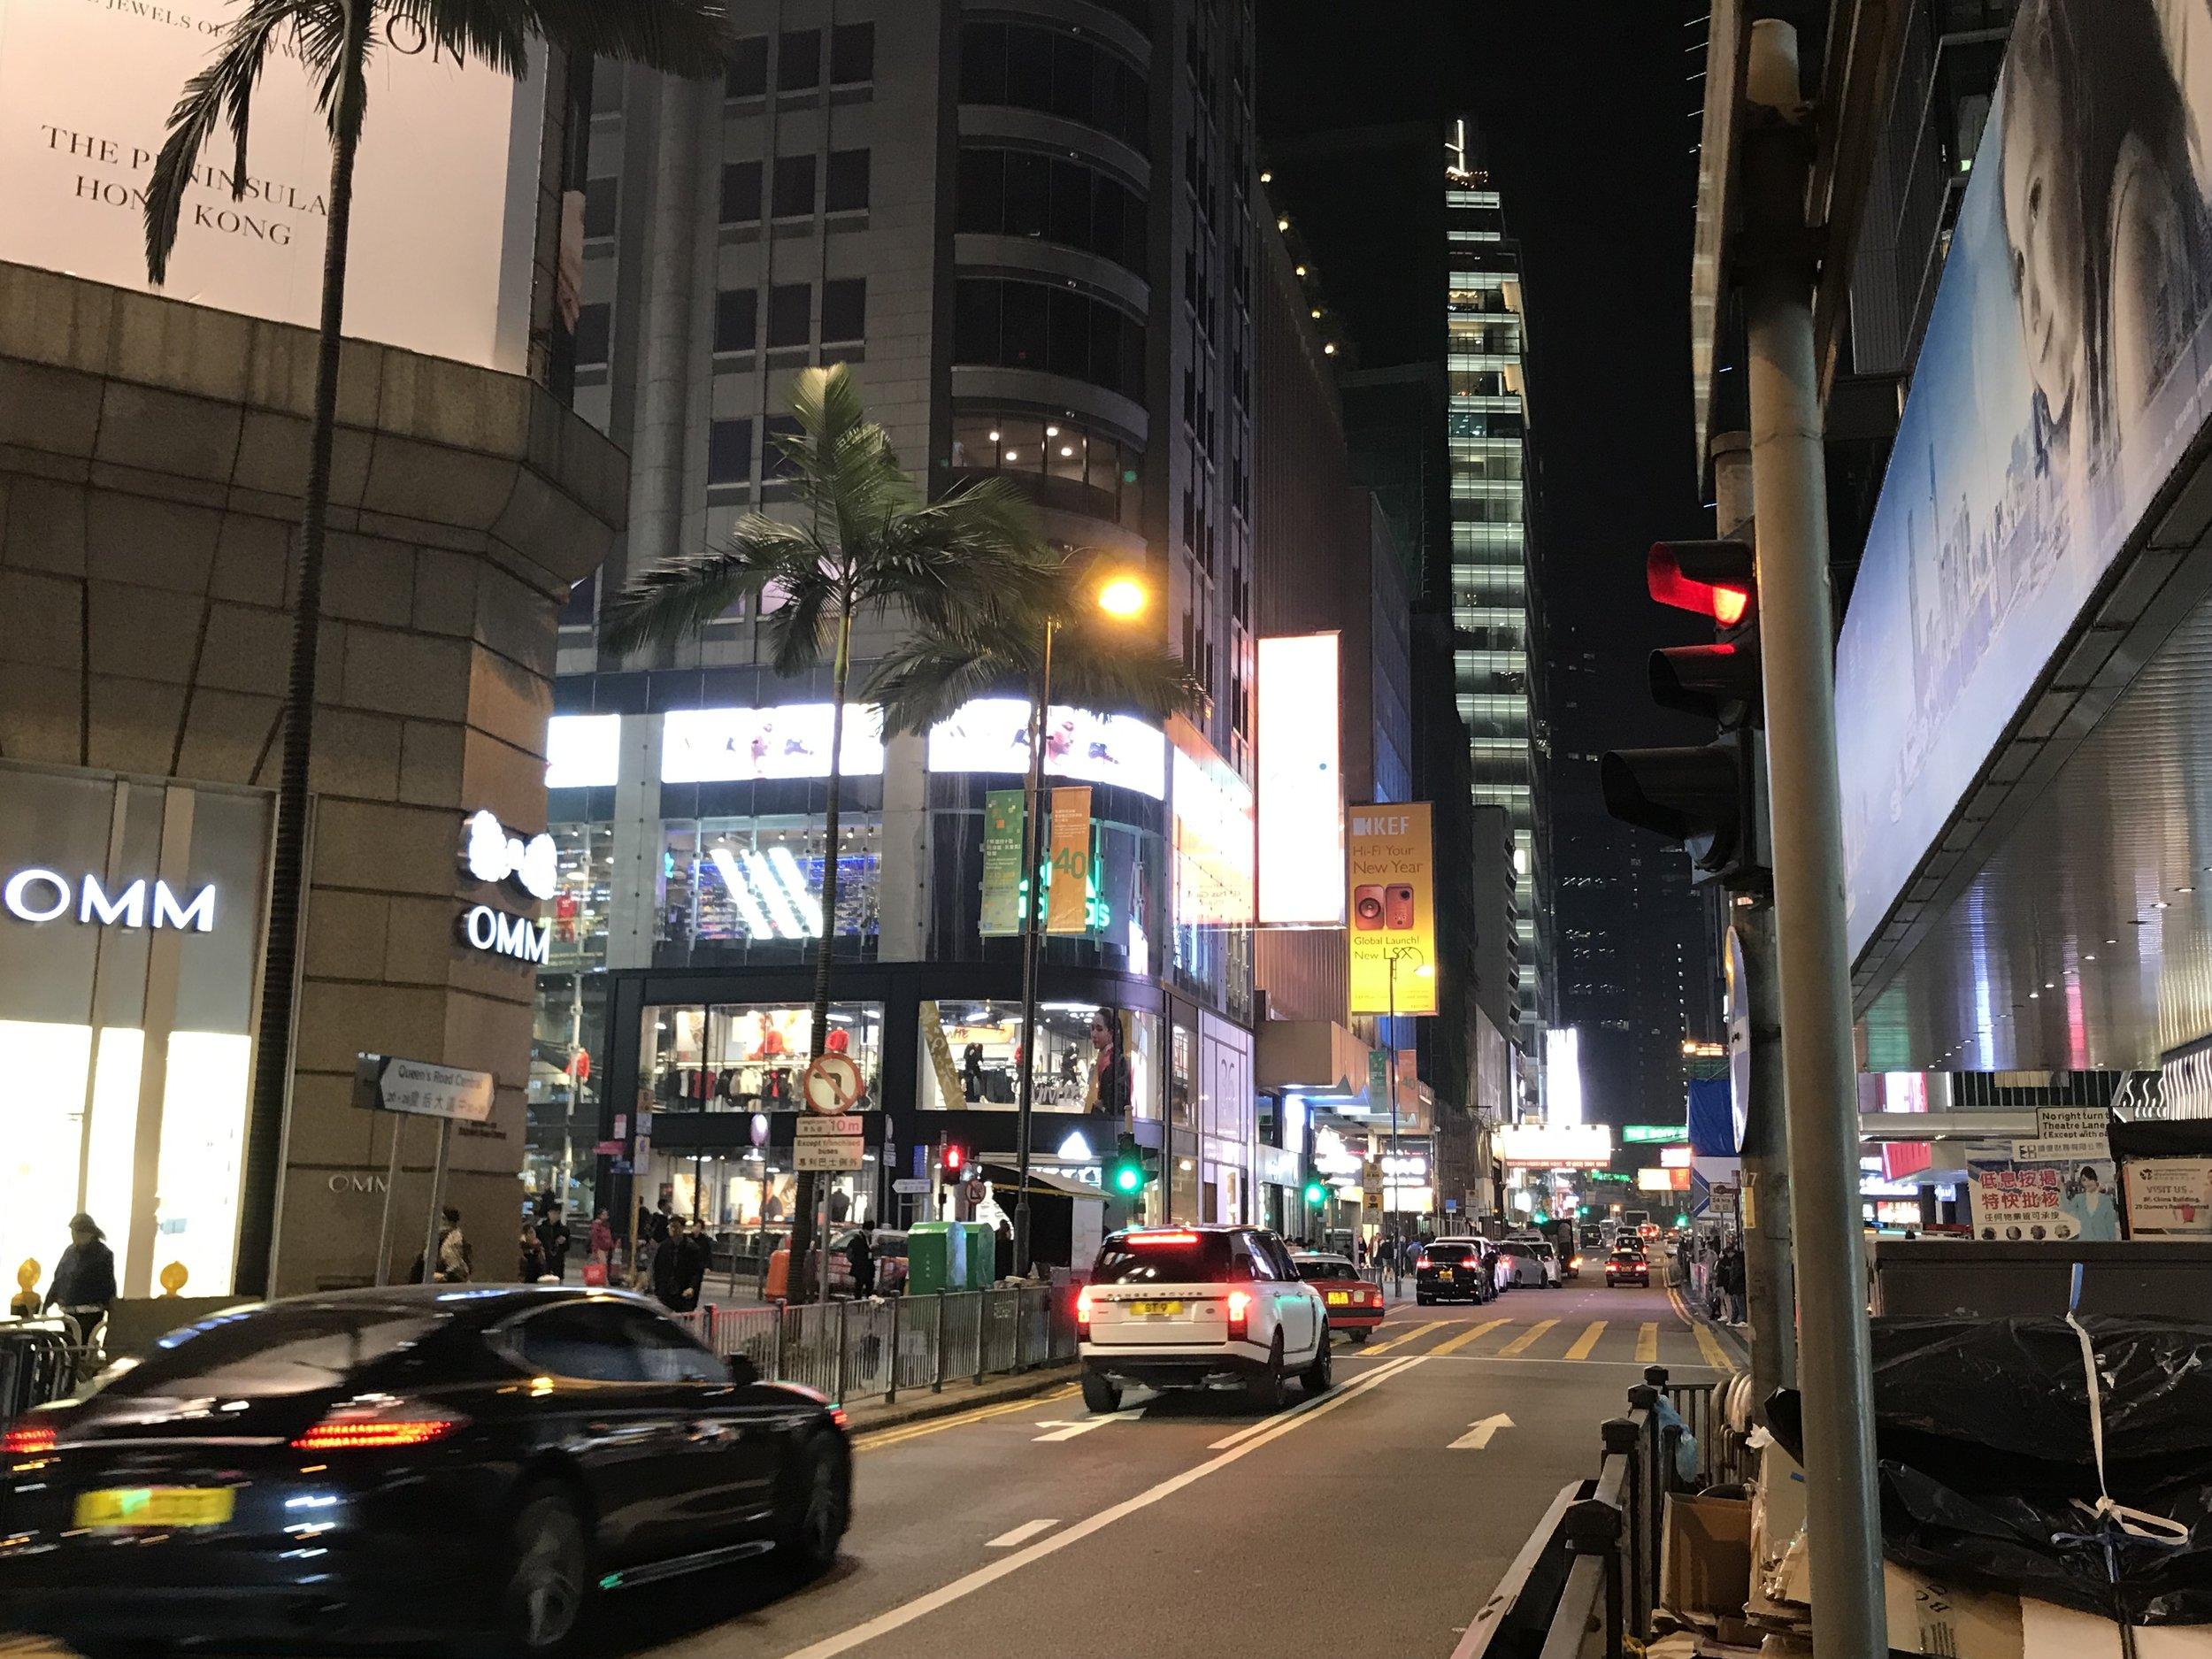 Cửa tiệm và hàng quán dọc lẫn vào nhau trên một con đường.